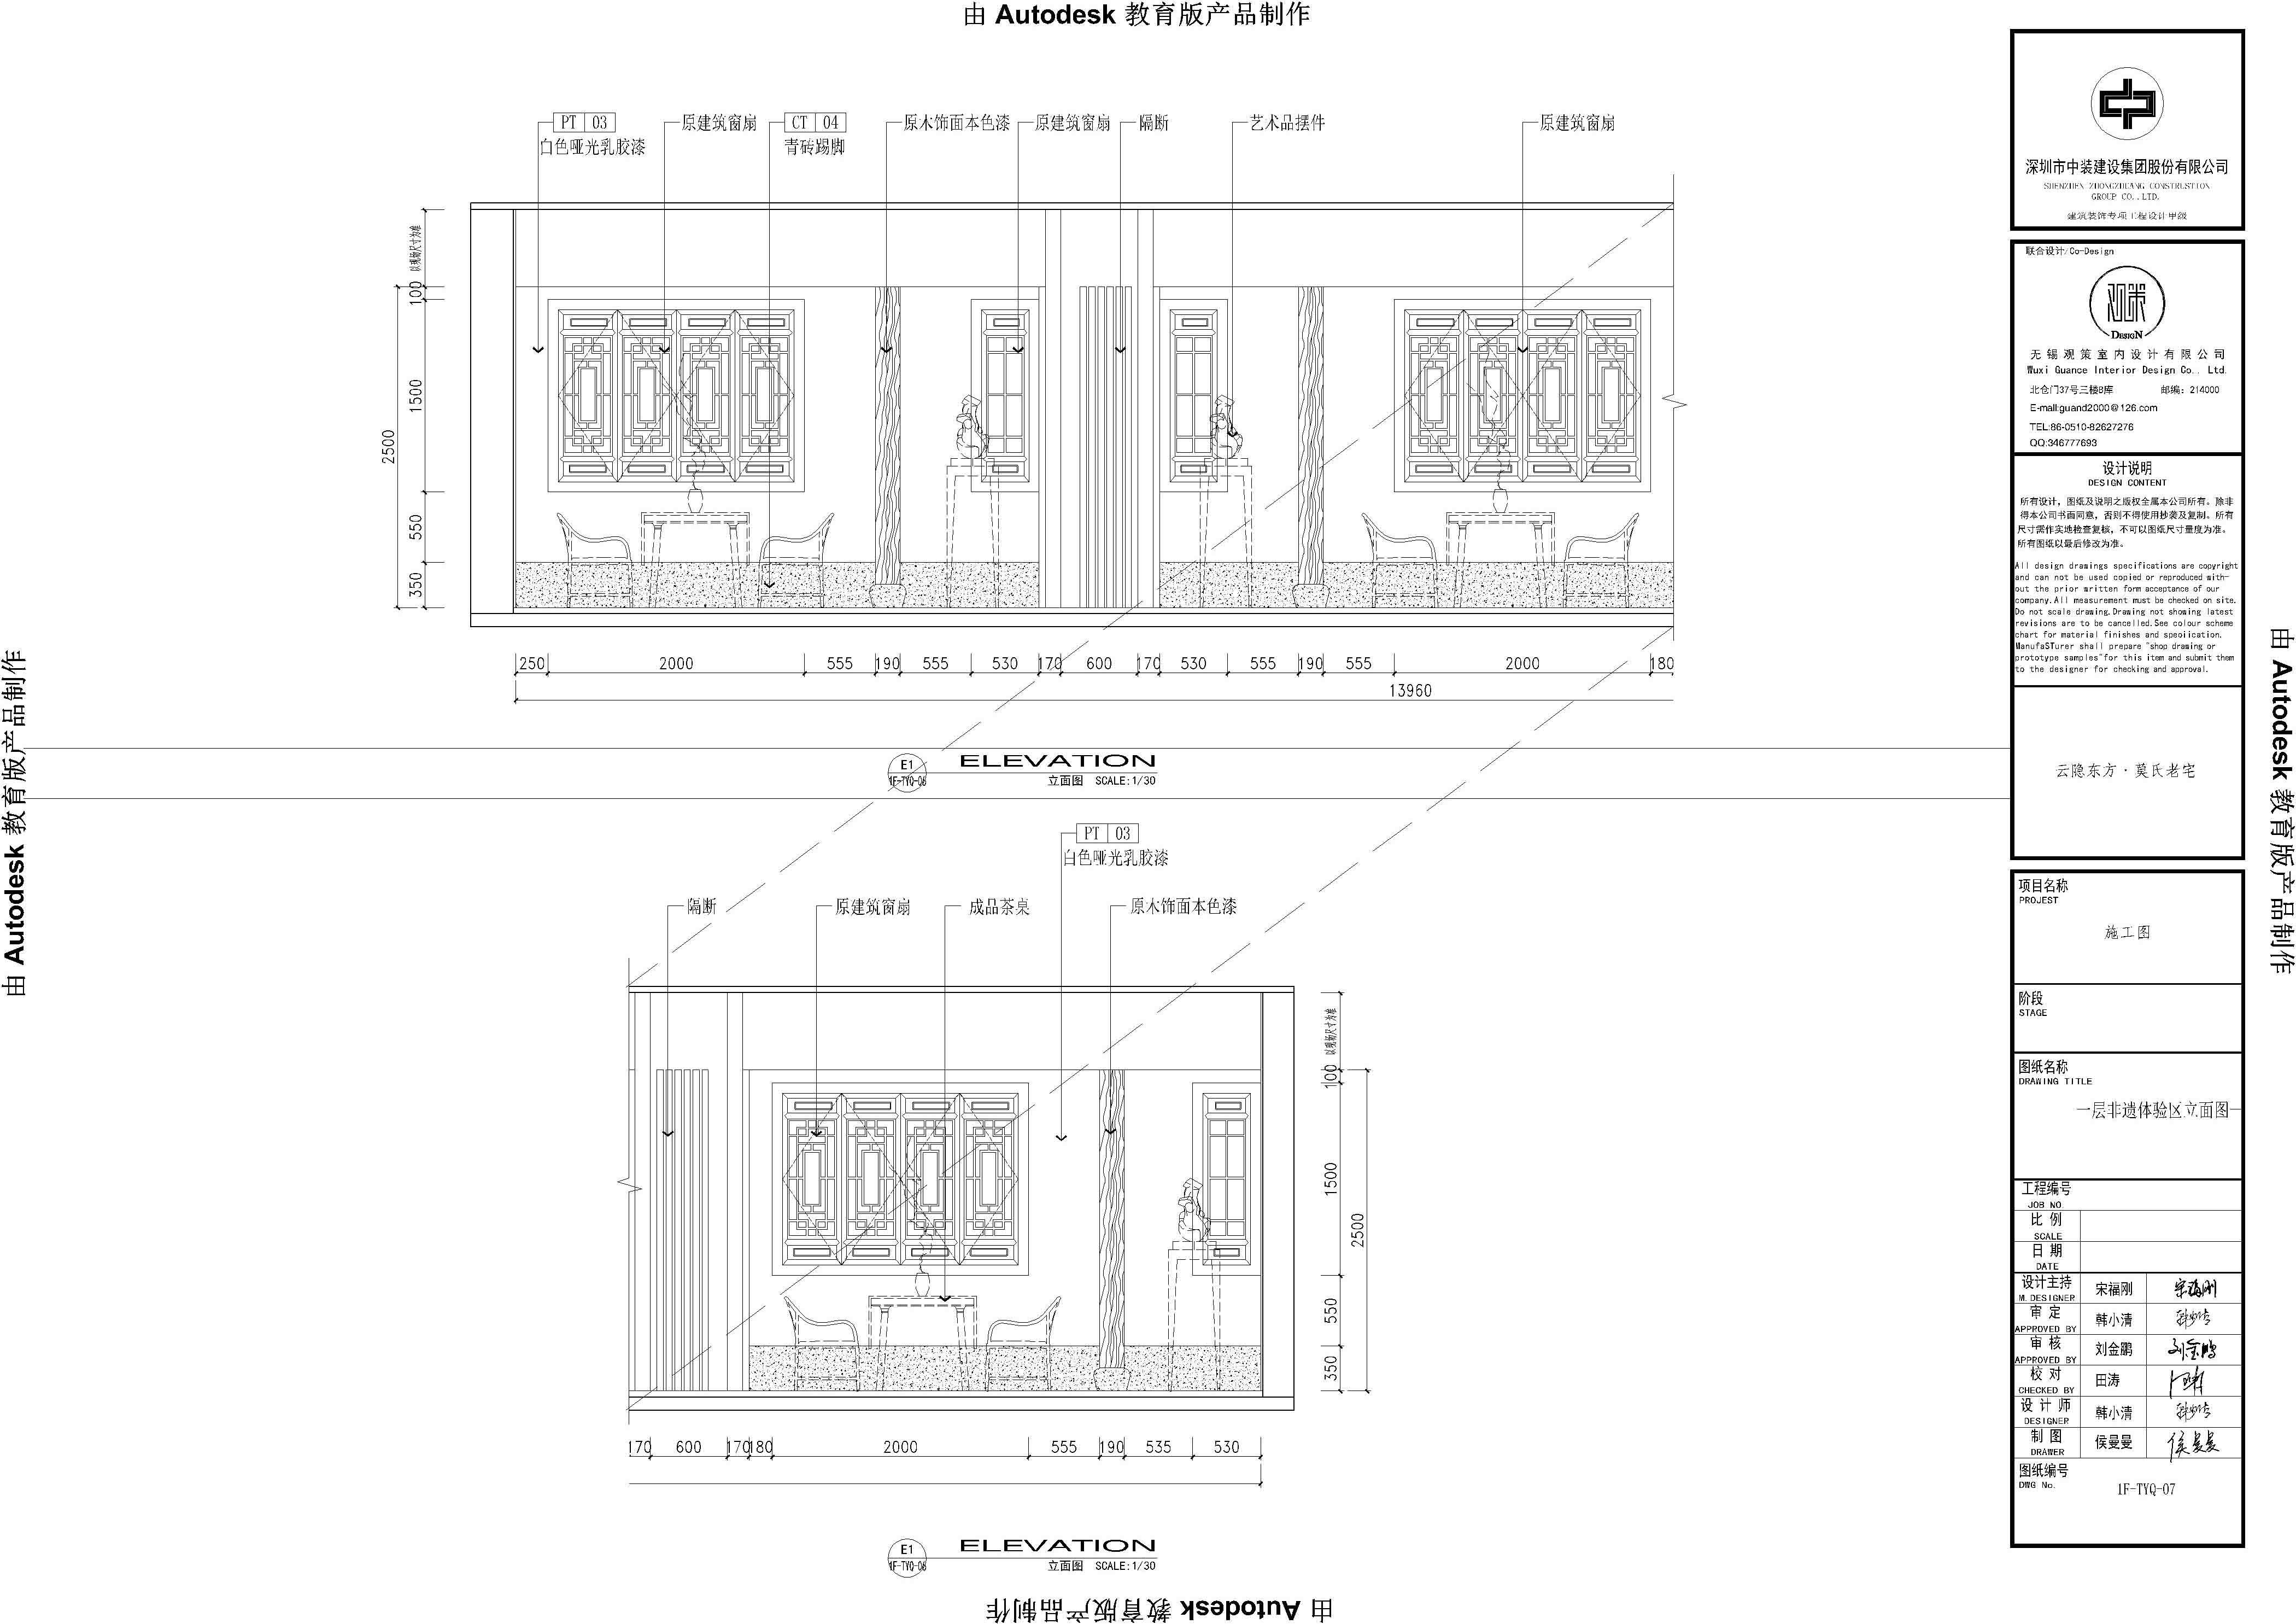 TechDrawing2 Shenzhen Zhongzhuang Construction Group Co.,LTD}